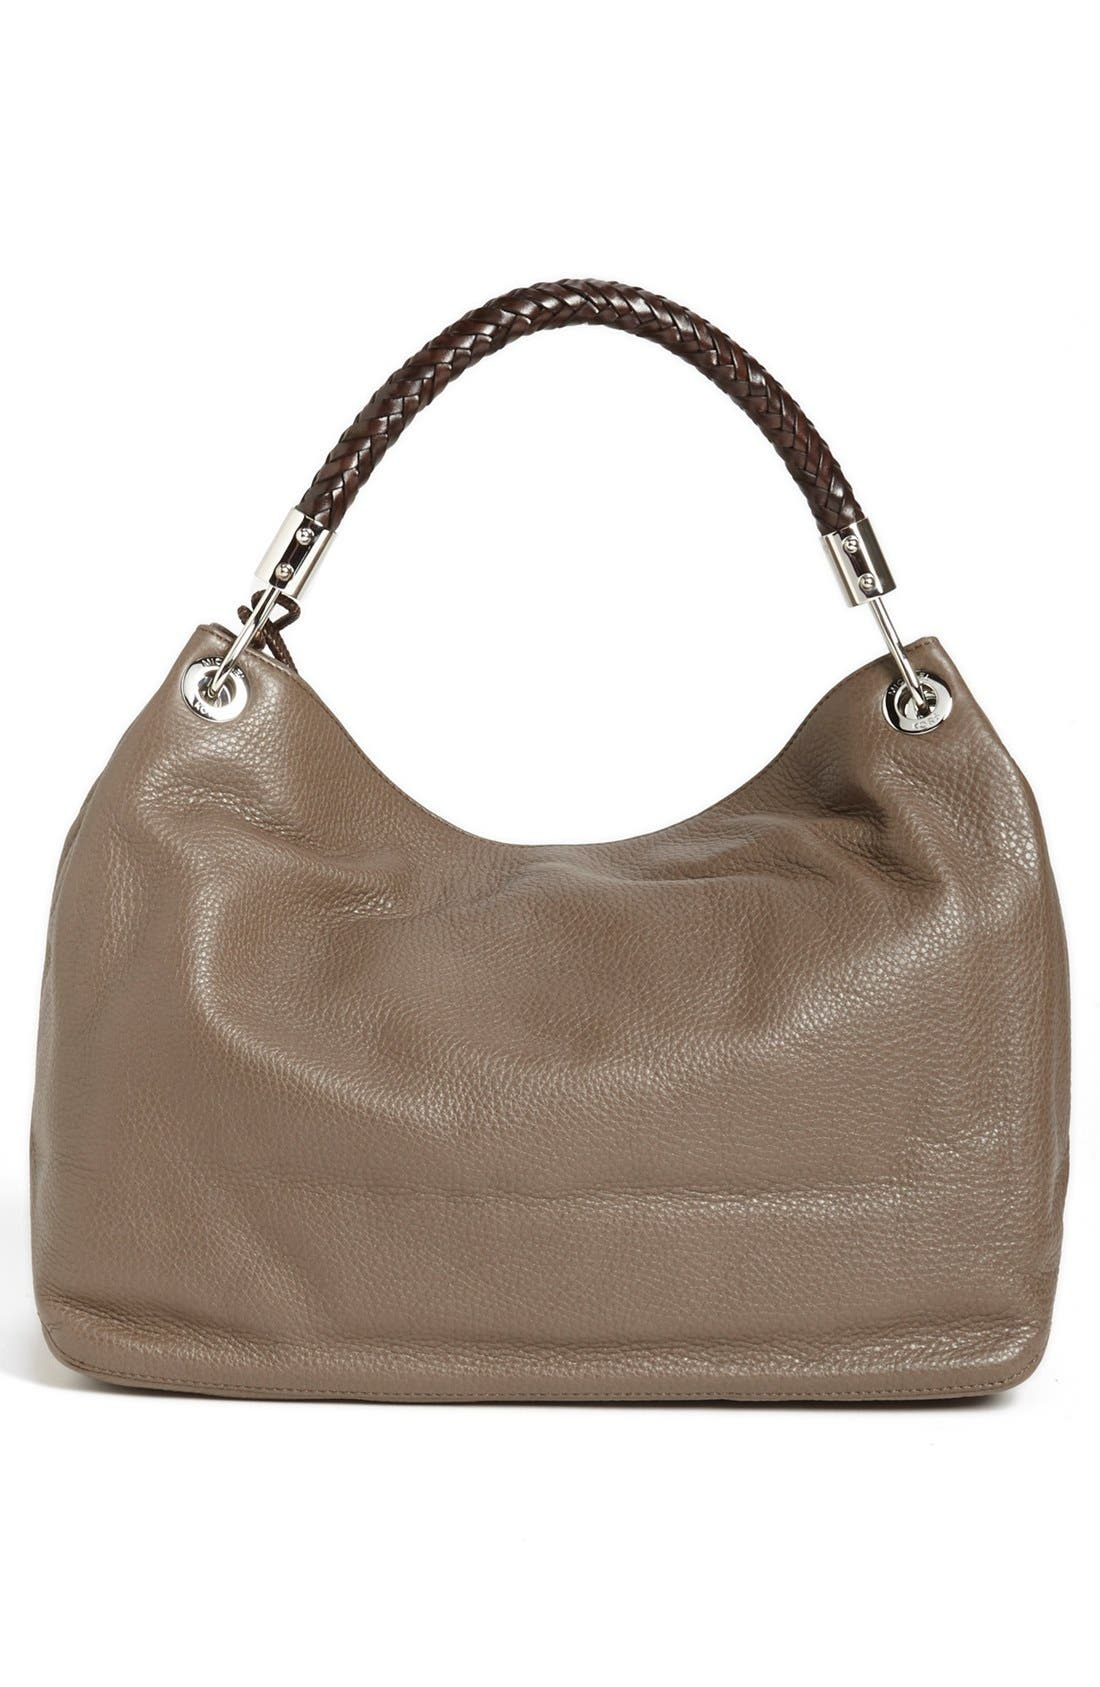 Alternate Image 4  - Michael Kors 'Large Skorpios' Leather Shoulder Bag